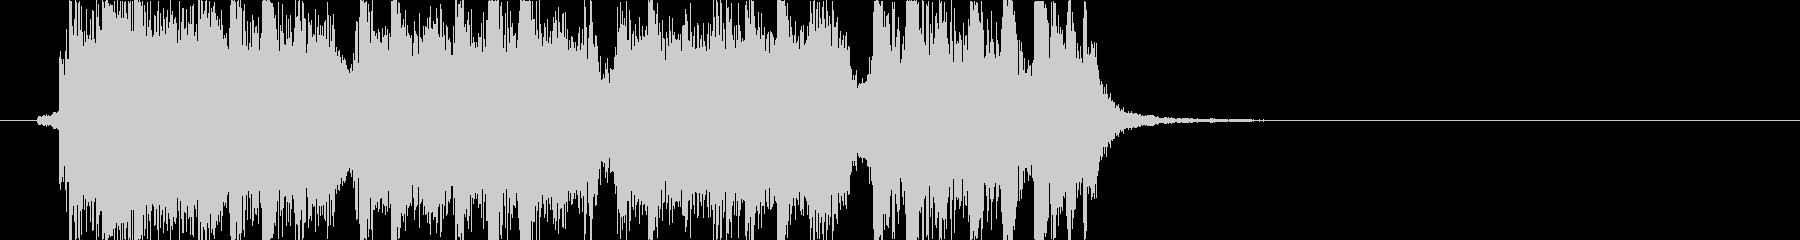 ロックサウンドのジングルです。の未再生の波形